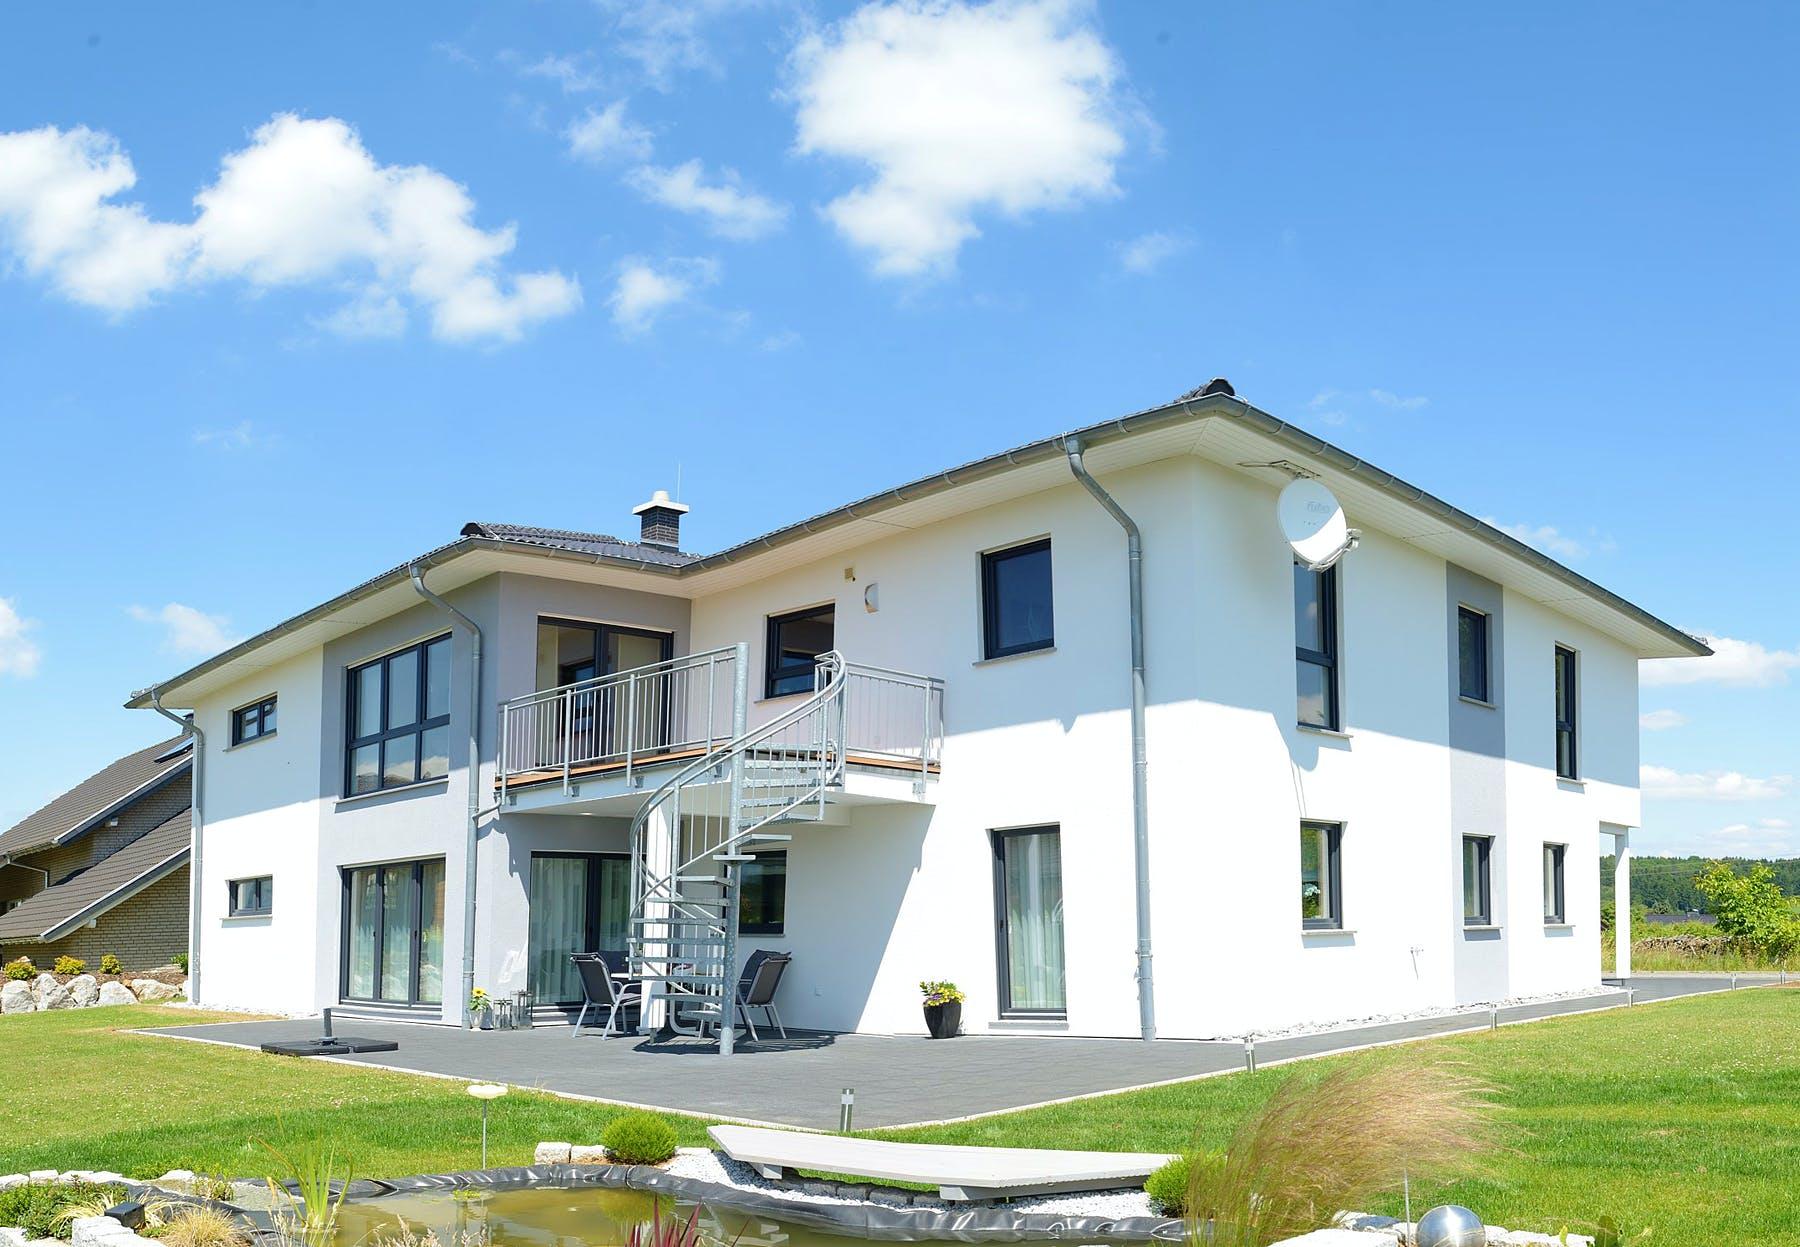 Haus Mit Einliegerwohnung Planen Bauen Hauser Infos